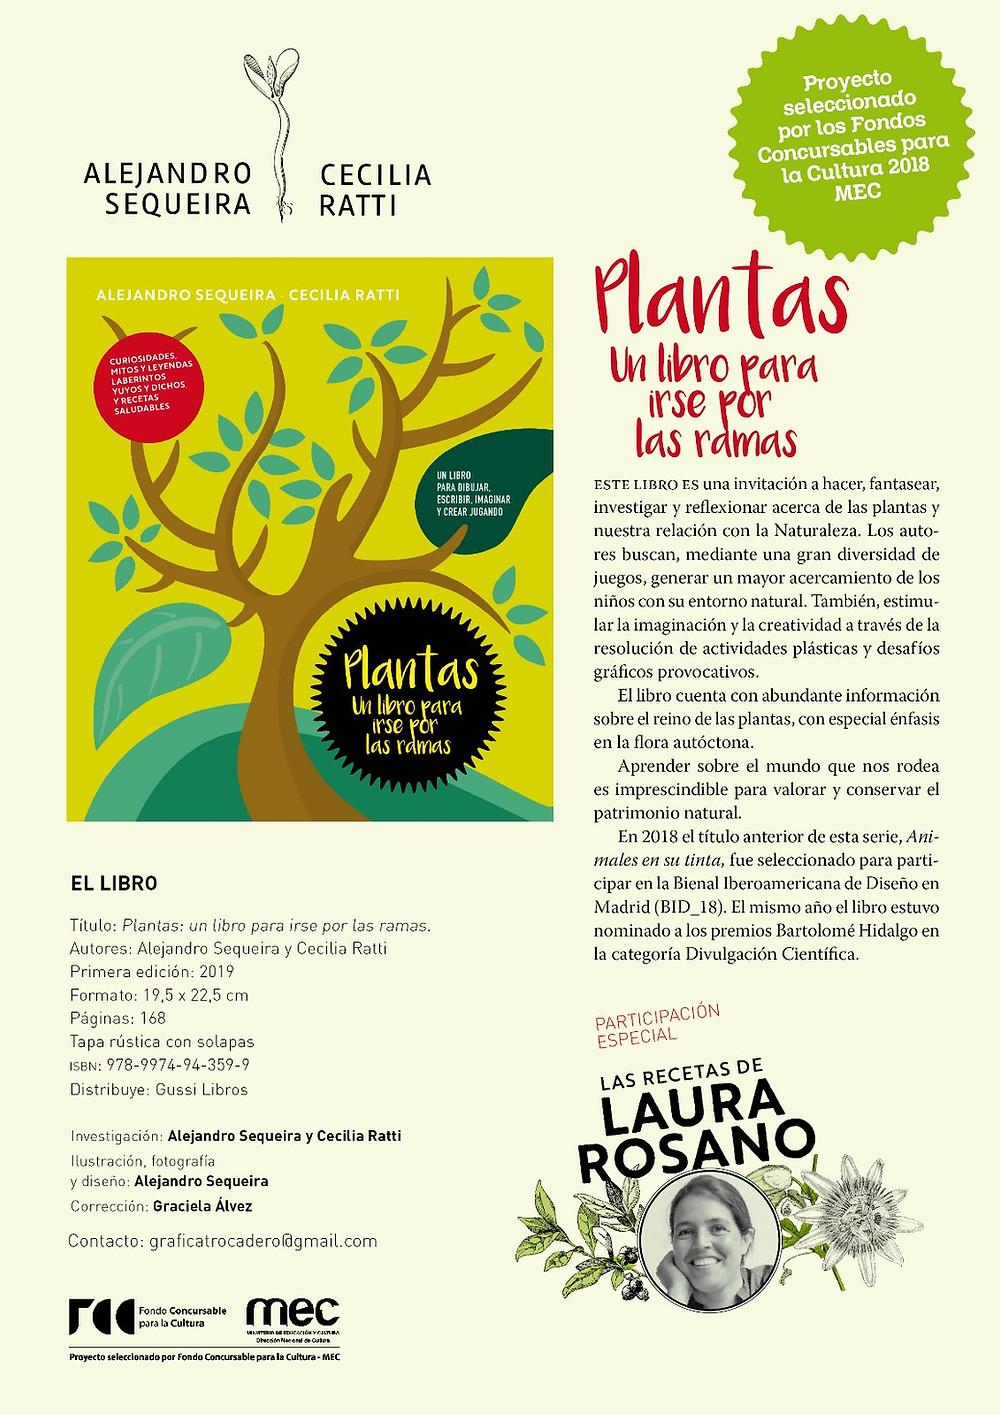 Plantas, un libro de Alejandro Sequeria y Cecilia Ratti